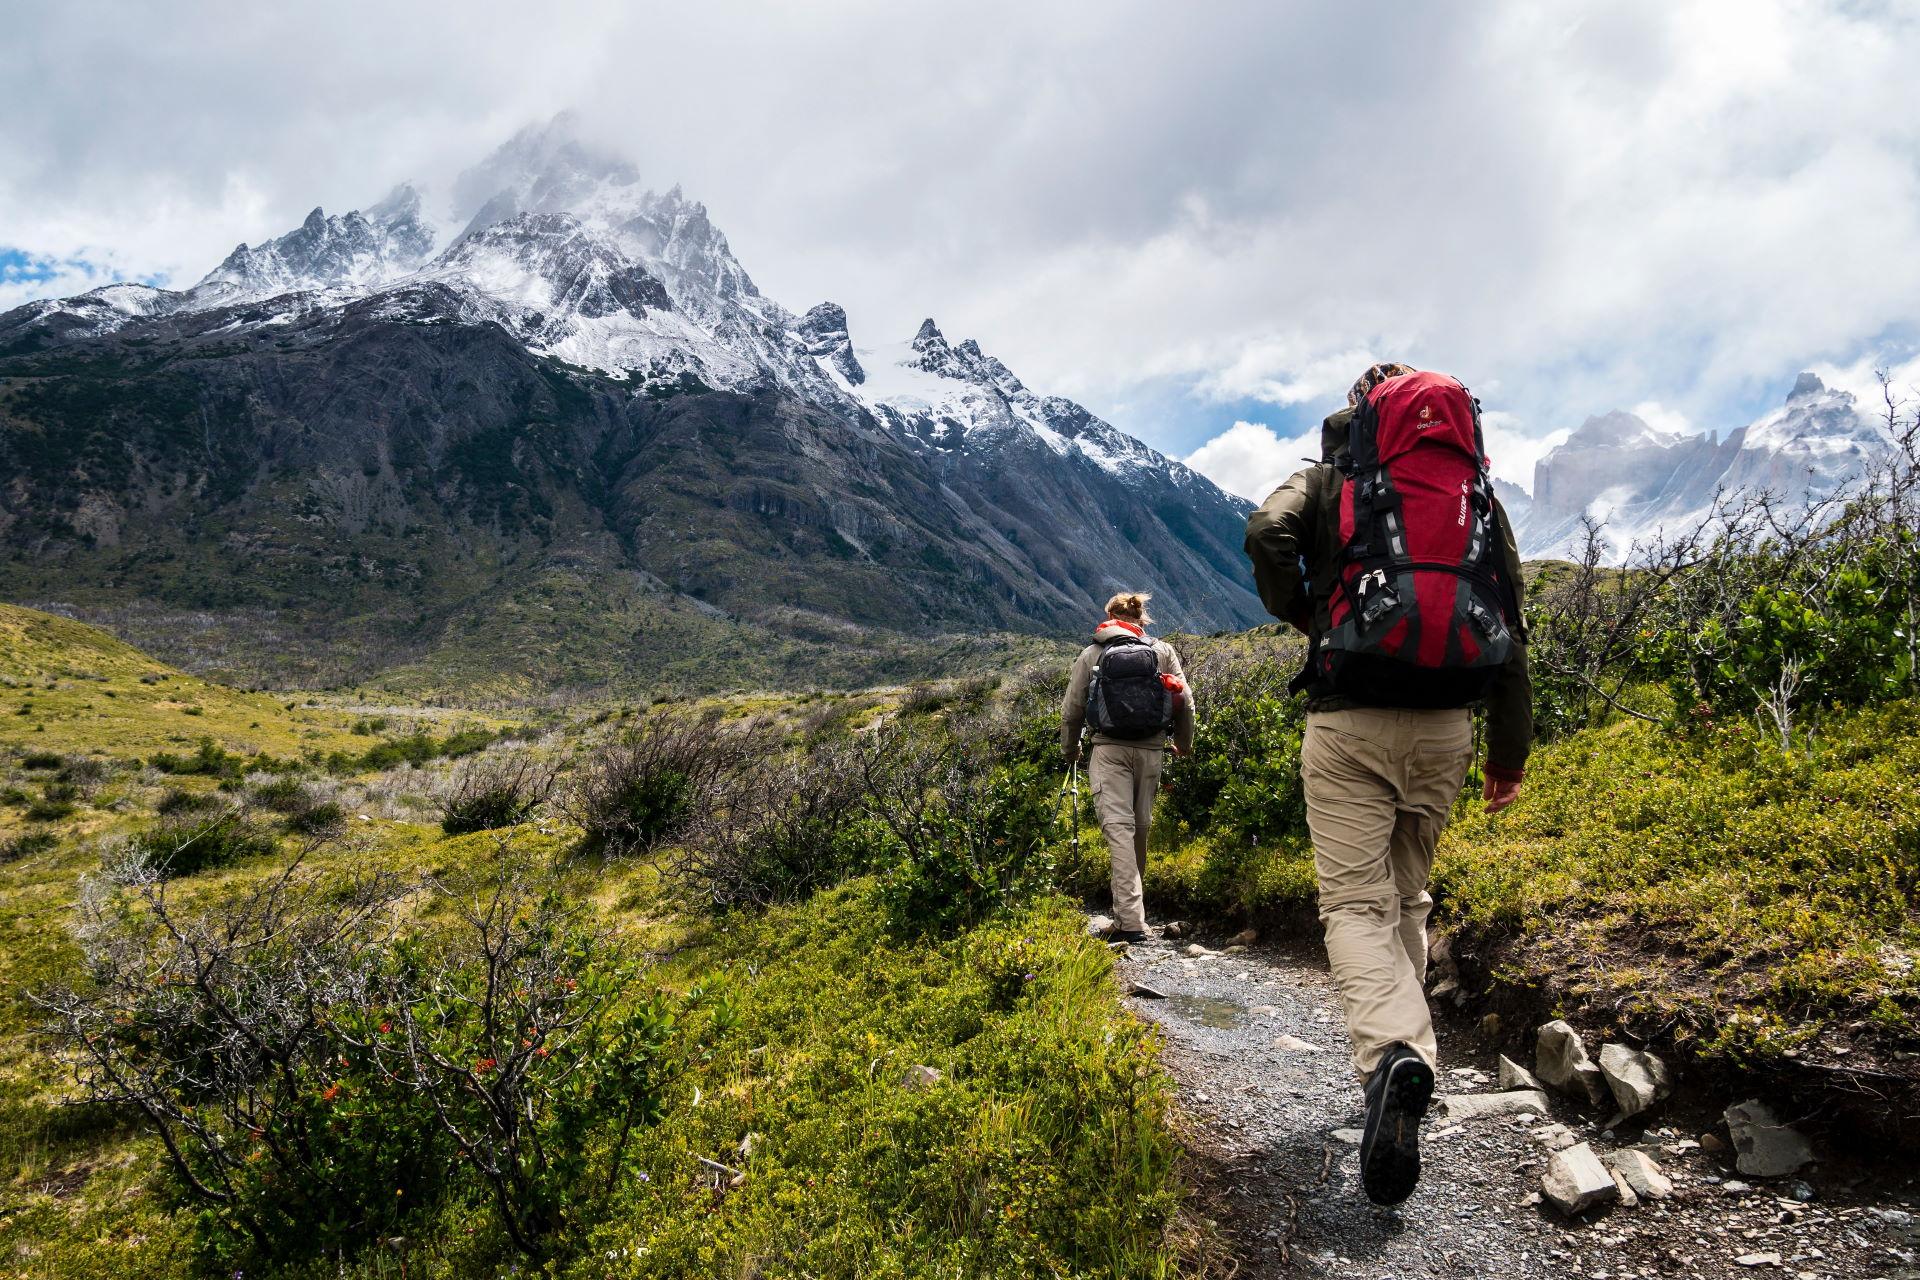 Zwei Wanderer auf einem nassen Weg im Gebirge